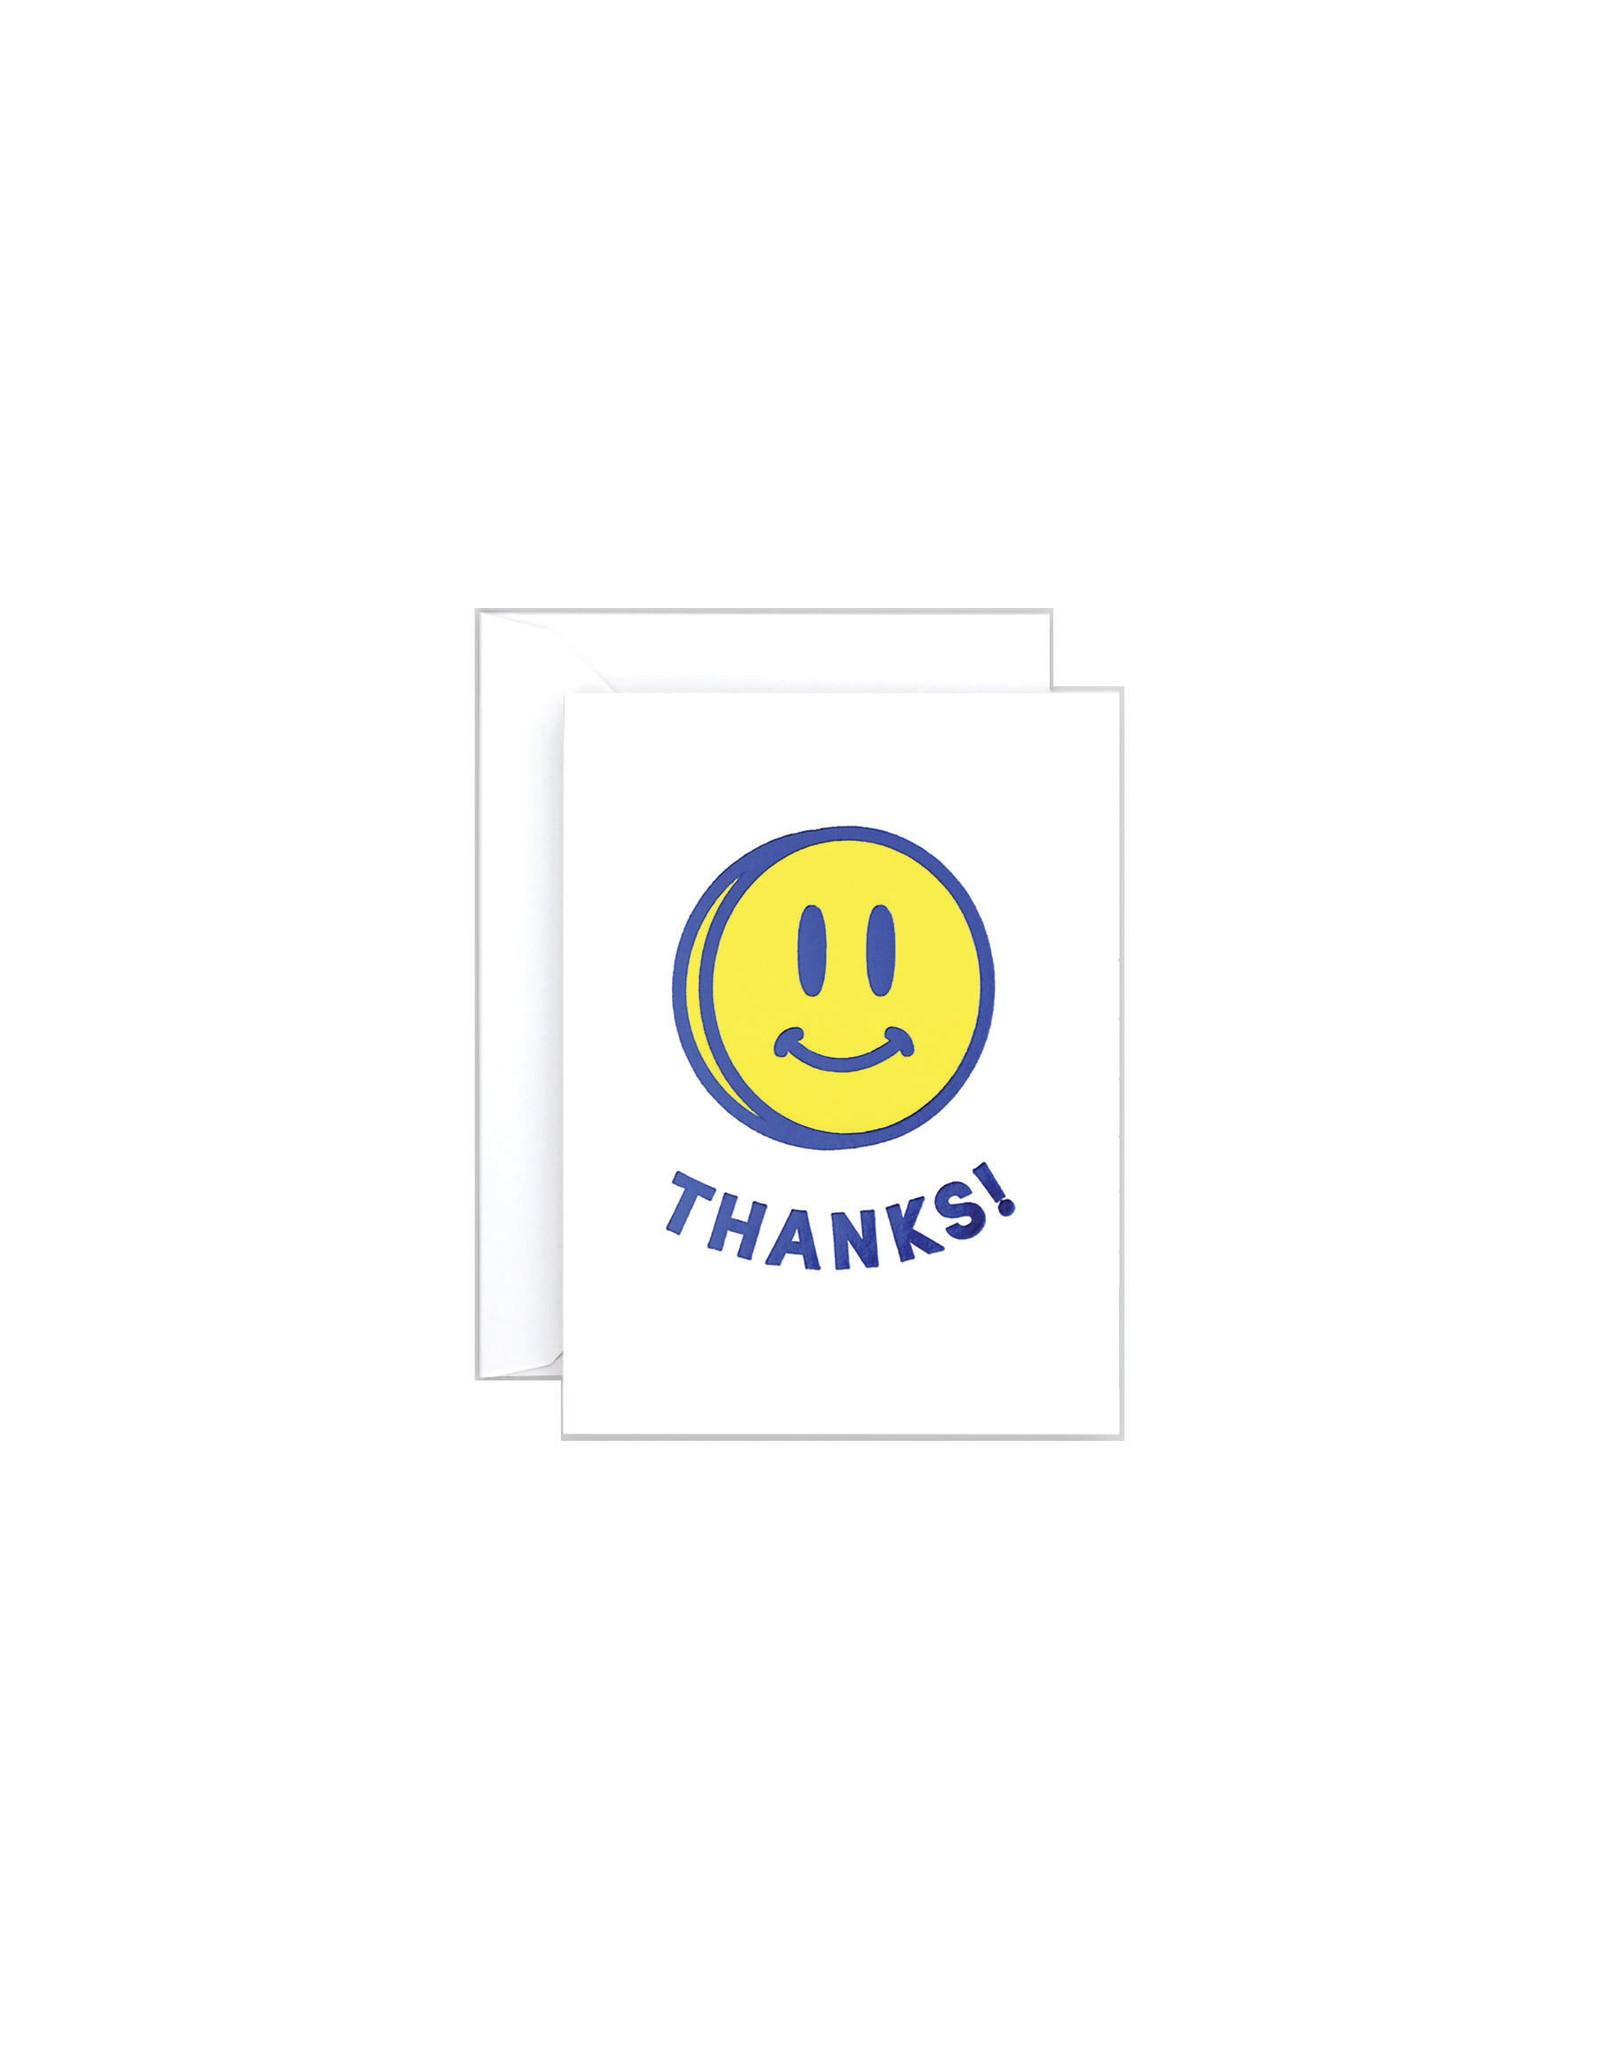 Wrap Thanks Smily Face Mini Card